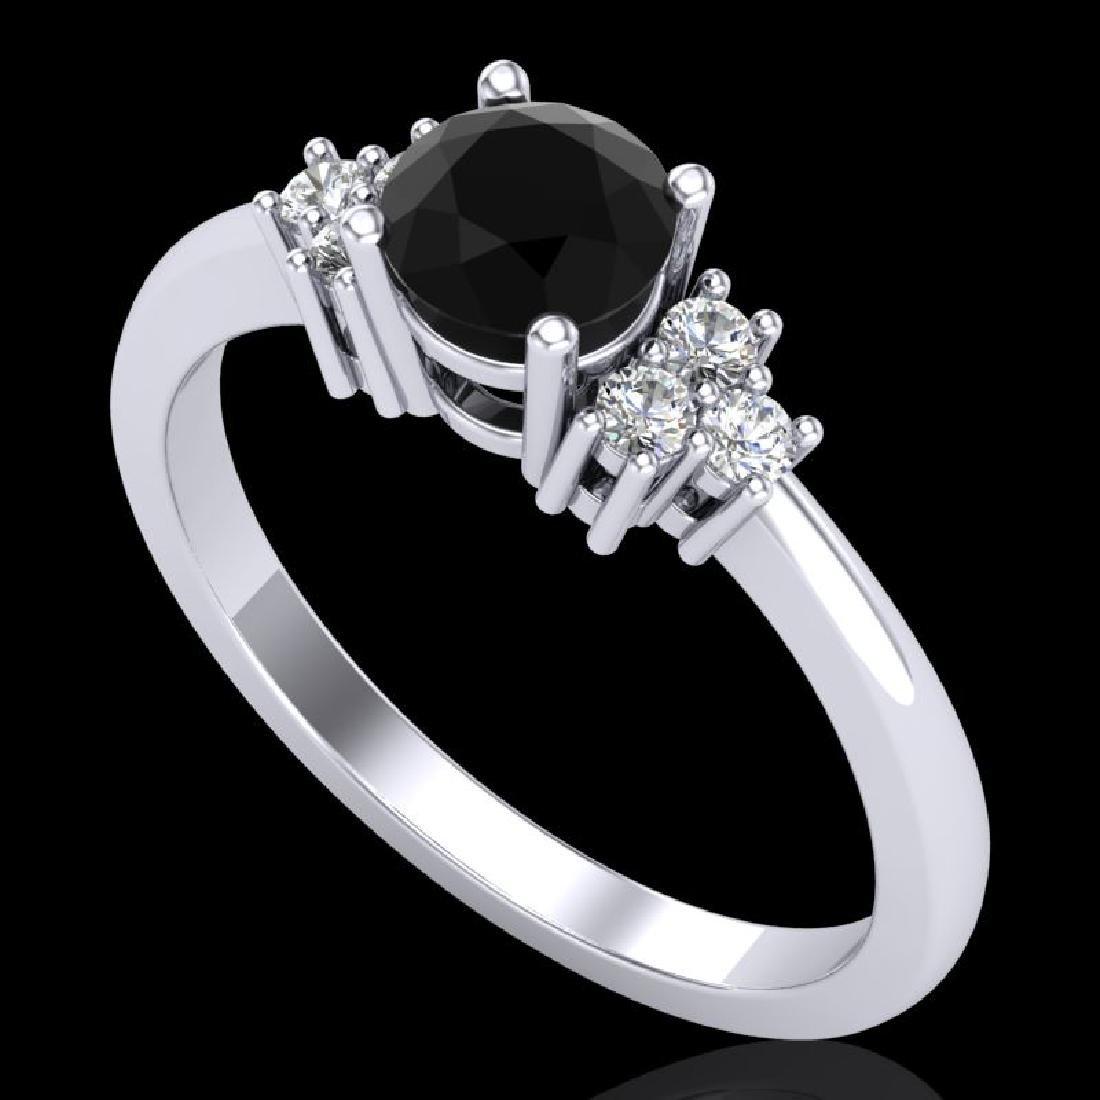 0.75 CTW Fancy Black Diamond Solitaire Engagement